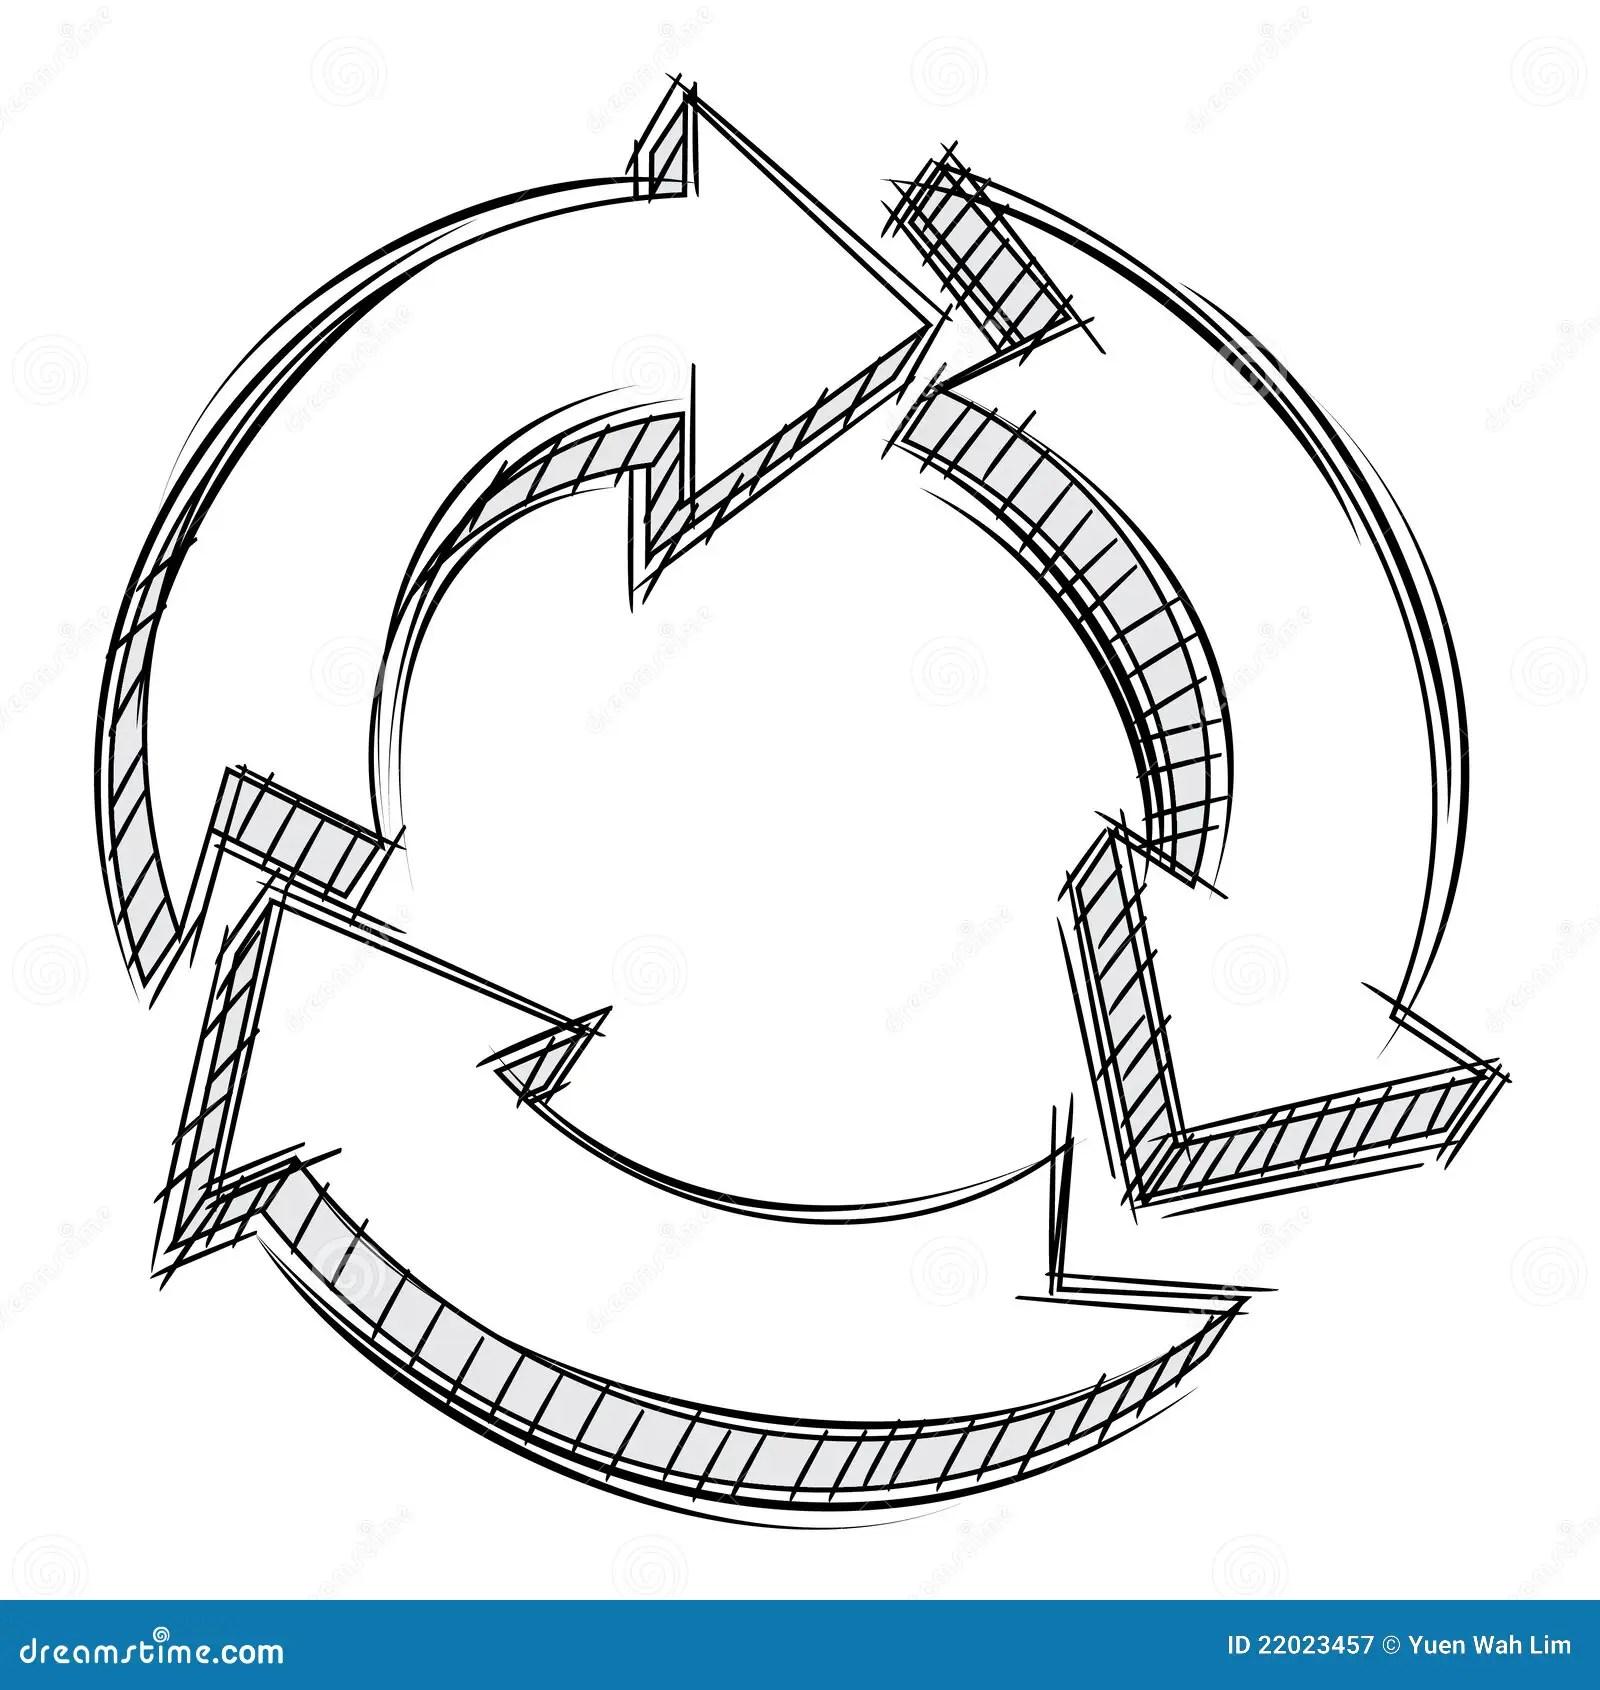 arrow circular process diagram anderson plug wiring for caravan doodle of three arrows stock vector